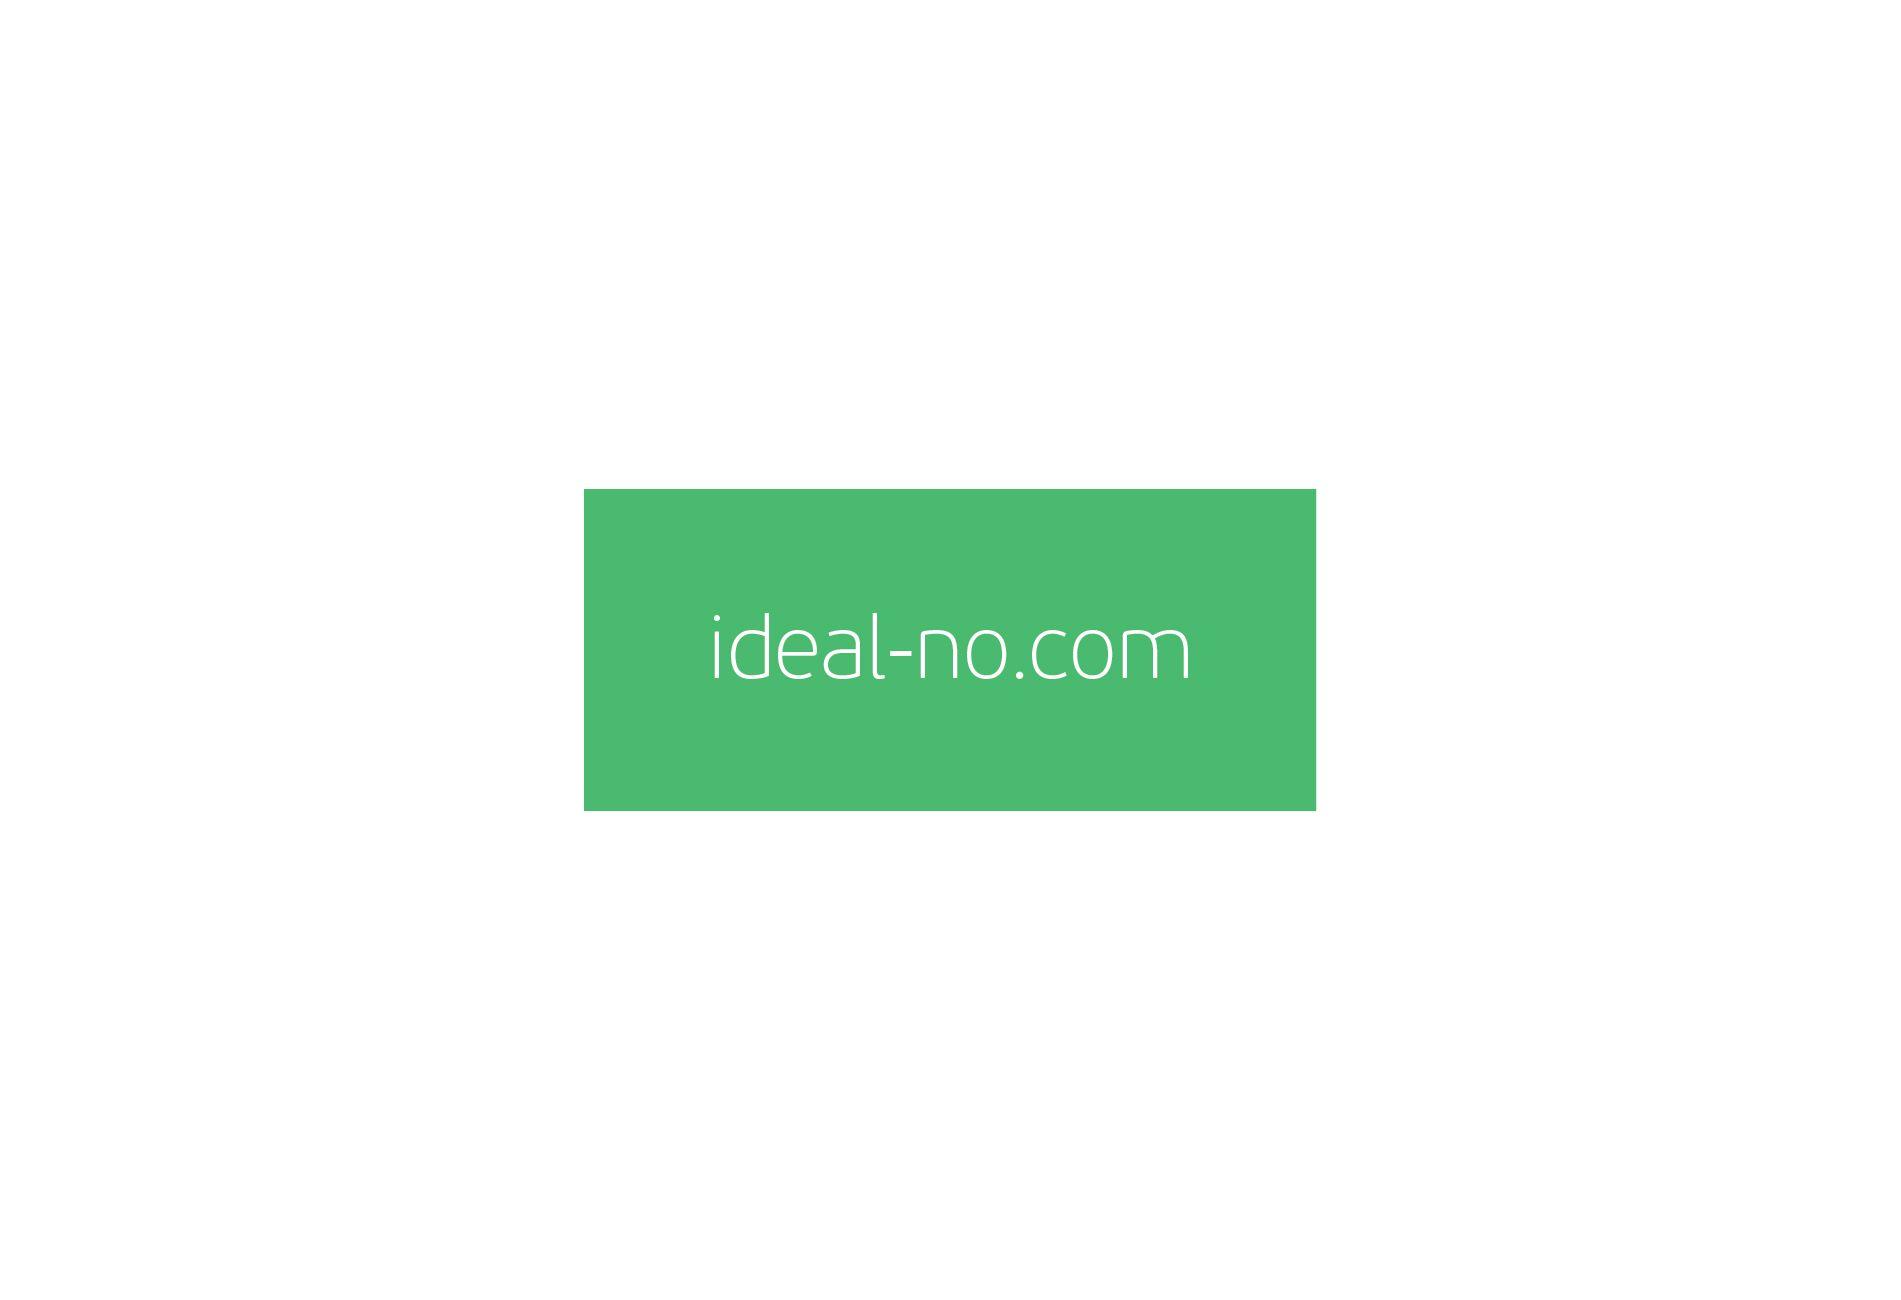 Логотип ideal-no.com - дизайнер PUPIK